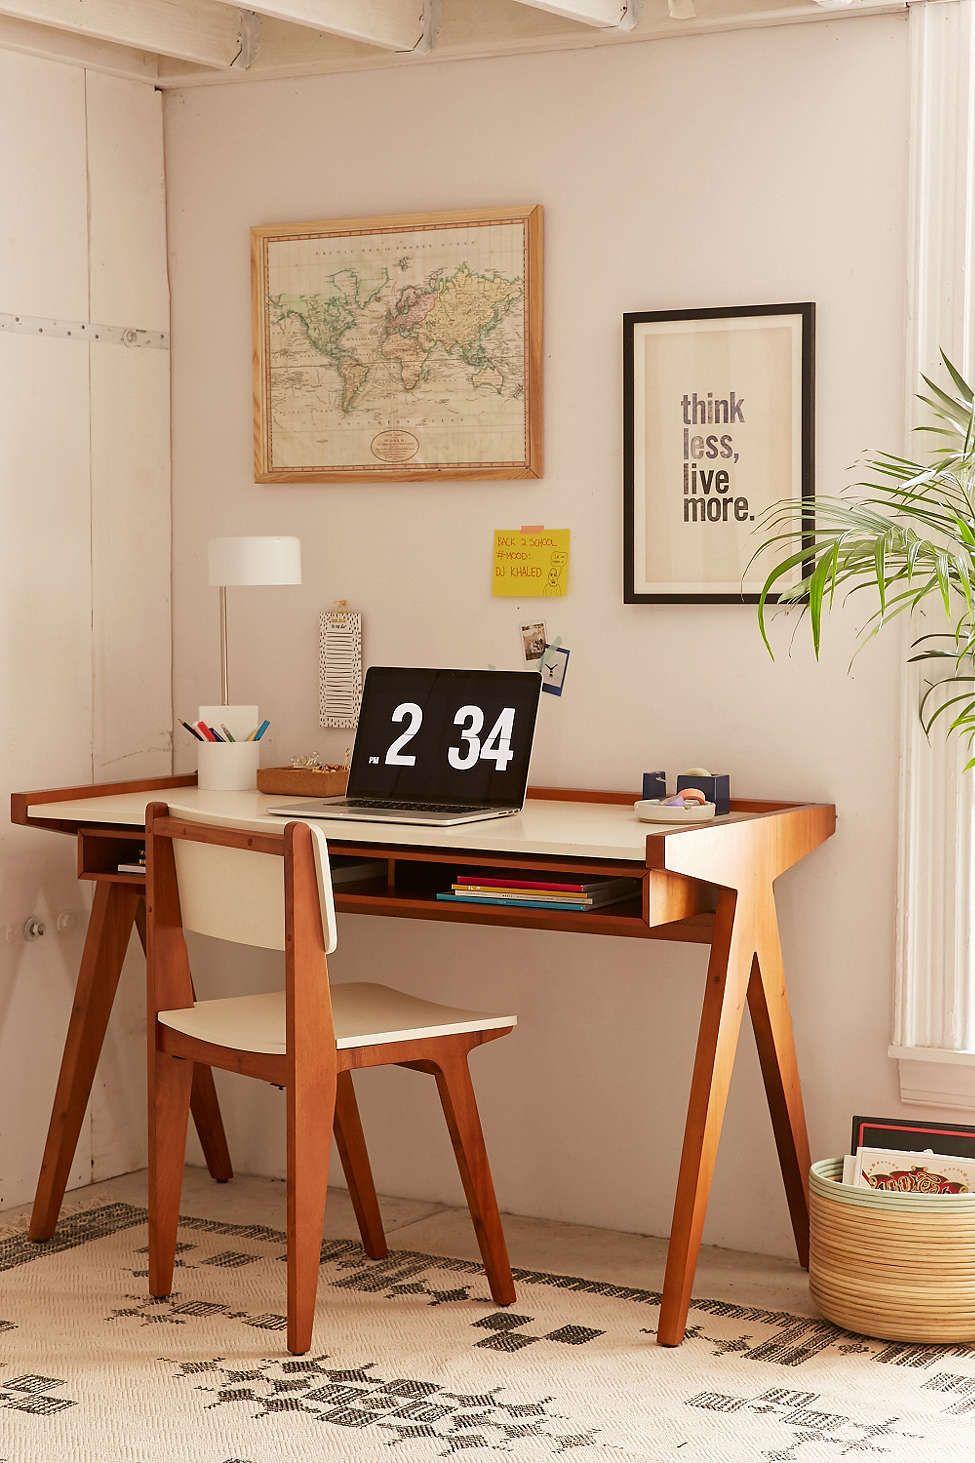 henrick desk urban outfitters uohome home desk. Black Bedroom Furniture Sets. Home Design Ideas